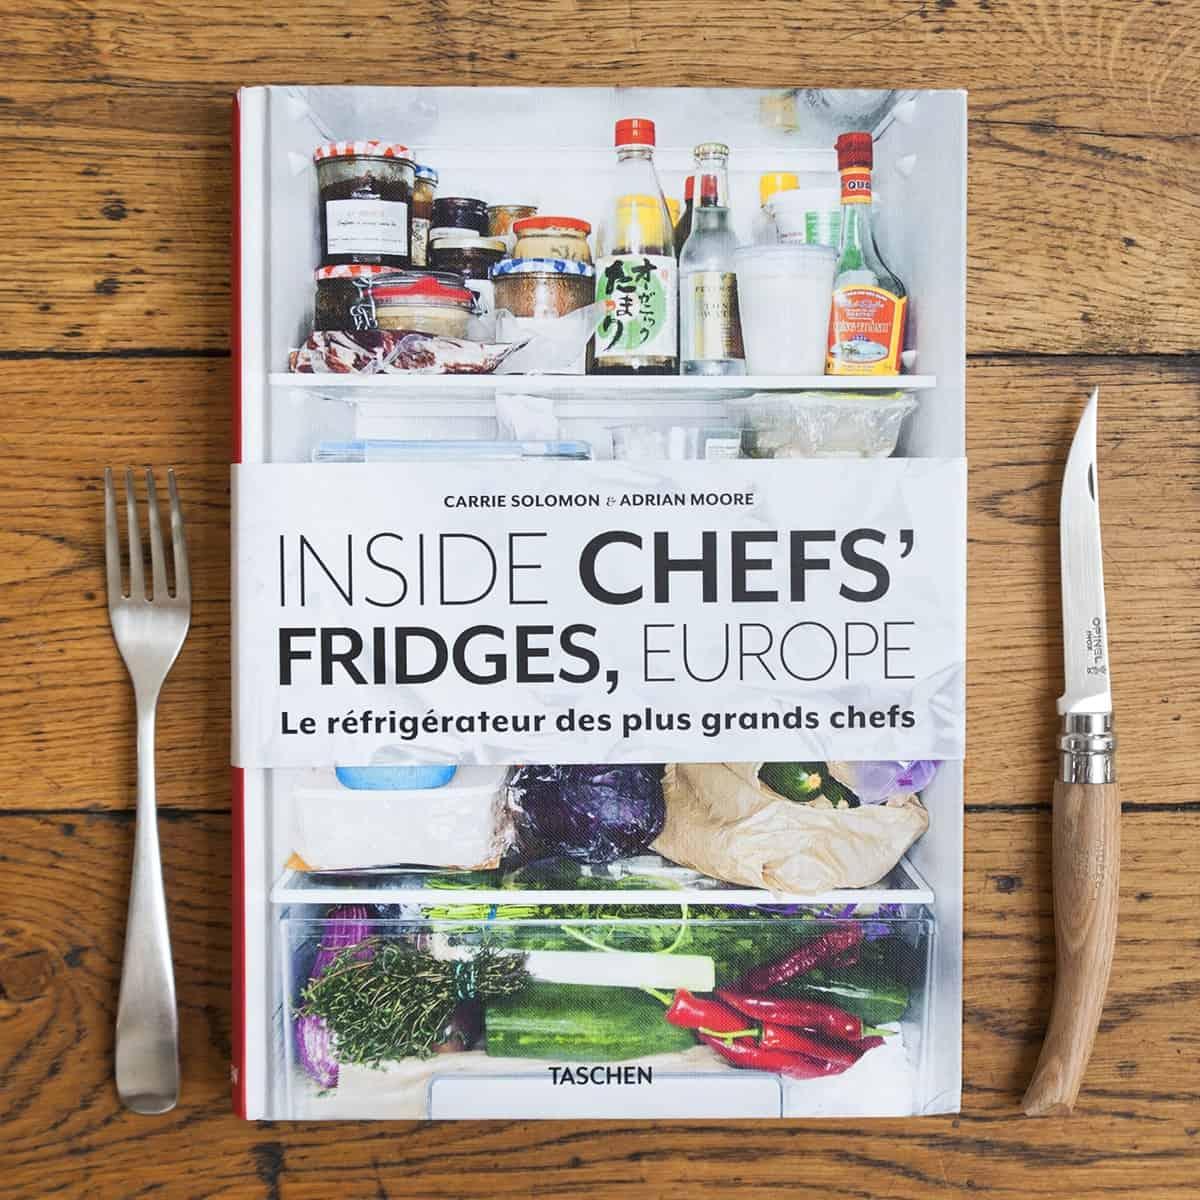 inside-chefs-fridges